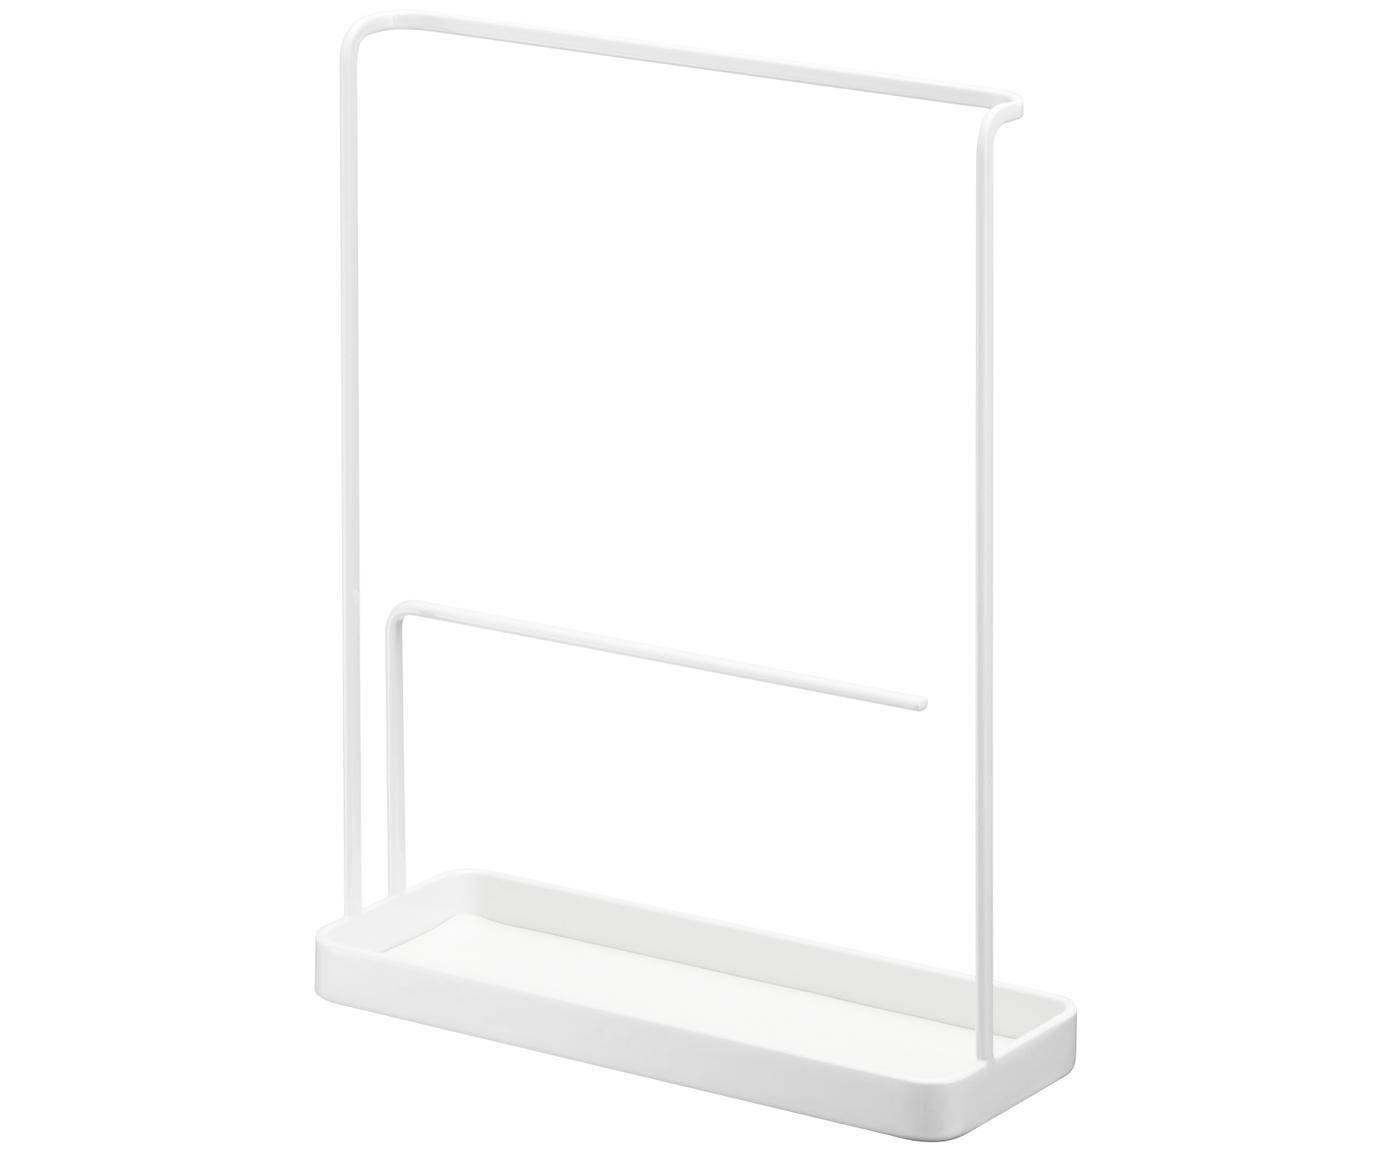 Stojak na biżuterię Tower, Stal lakierowana, Biały, S 20 x W 26 cm